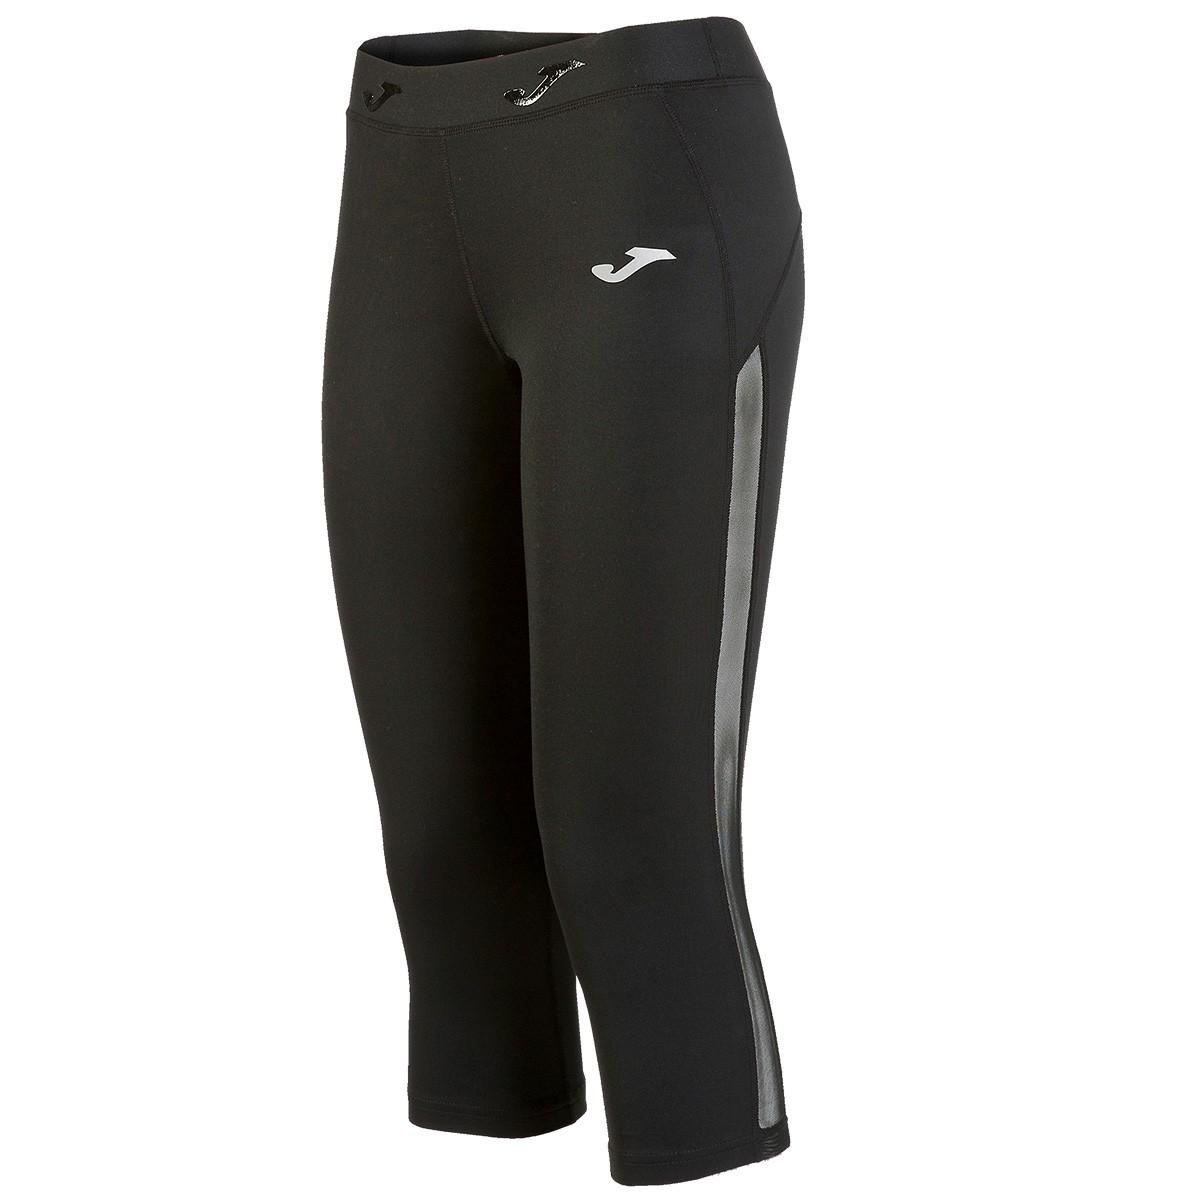 Running Mujer Pantalones Free Ropa Joma 34 vqxwASF